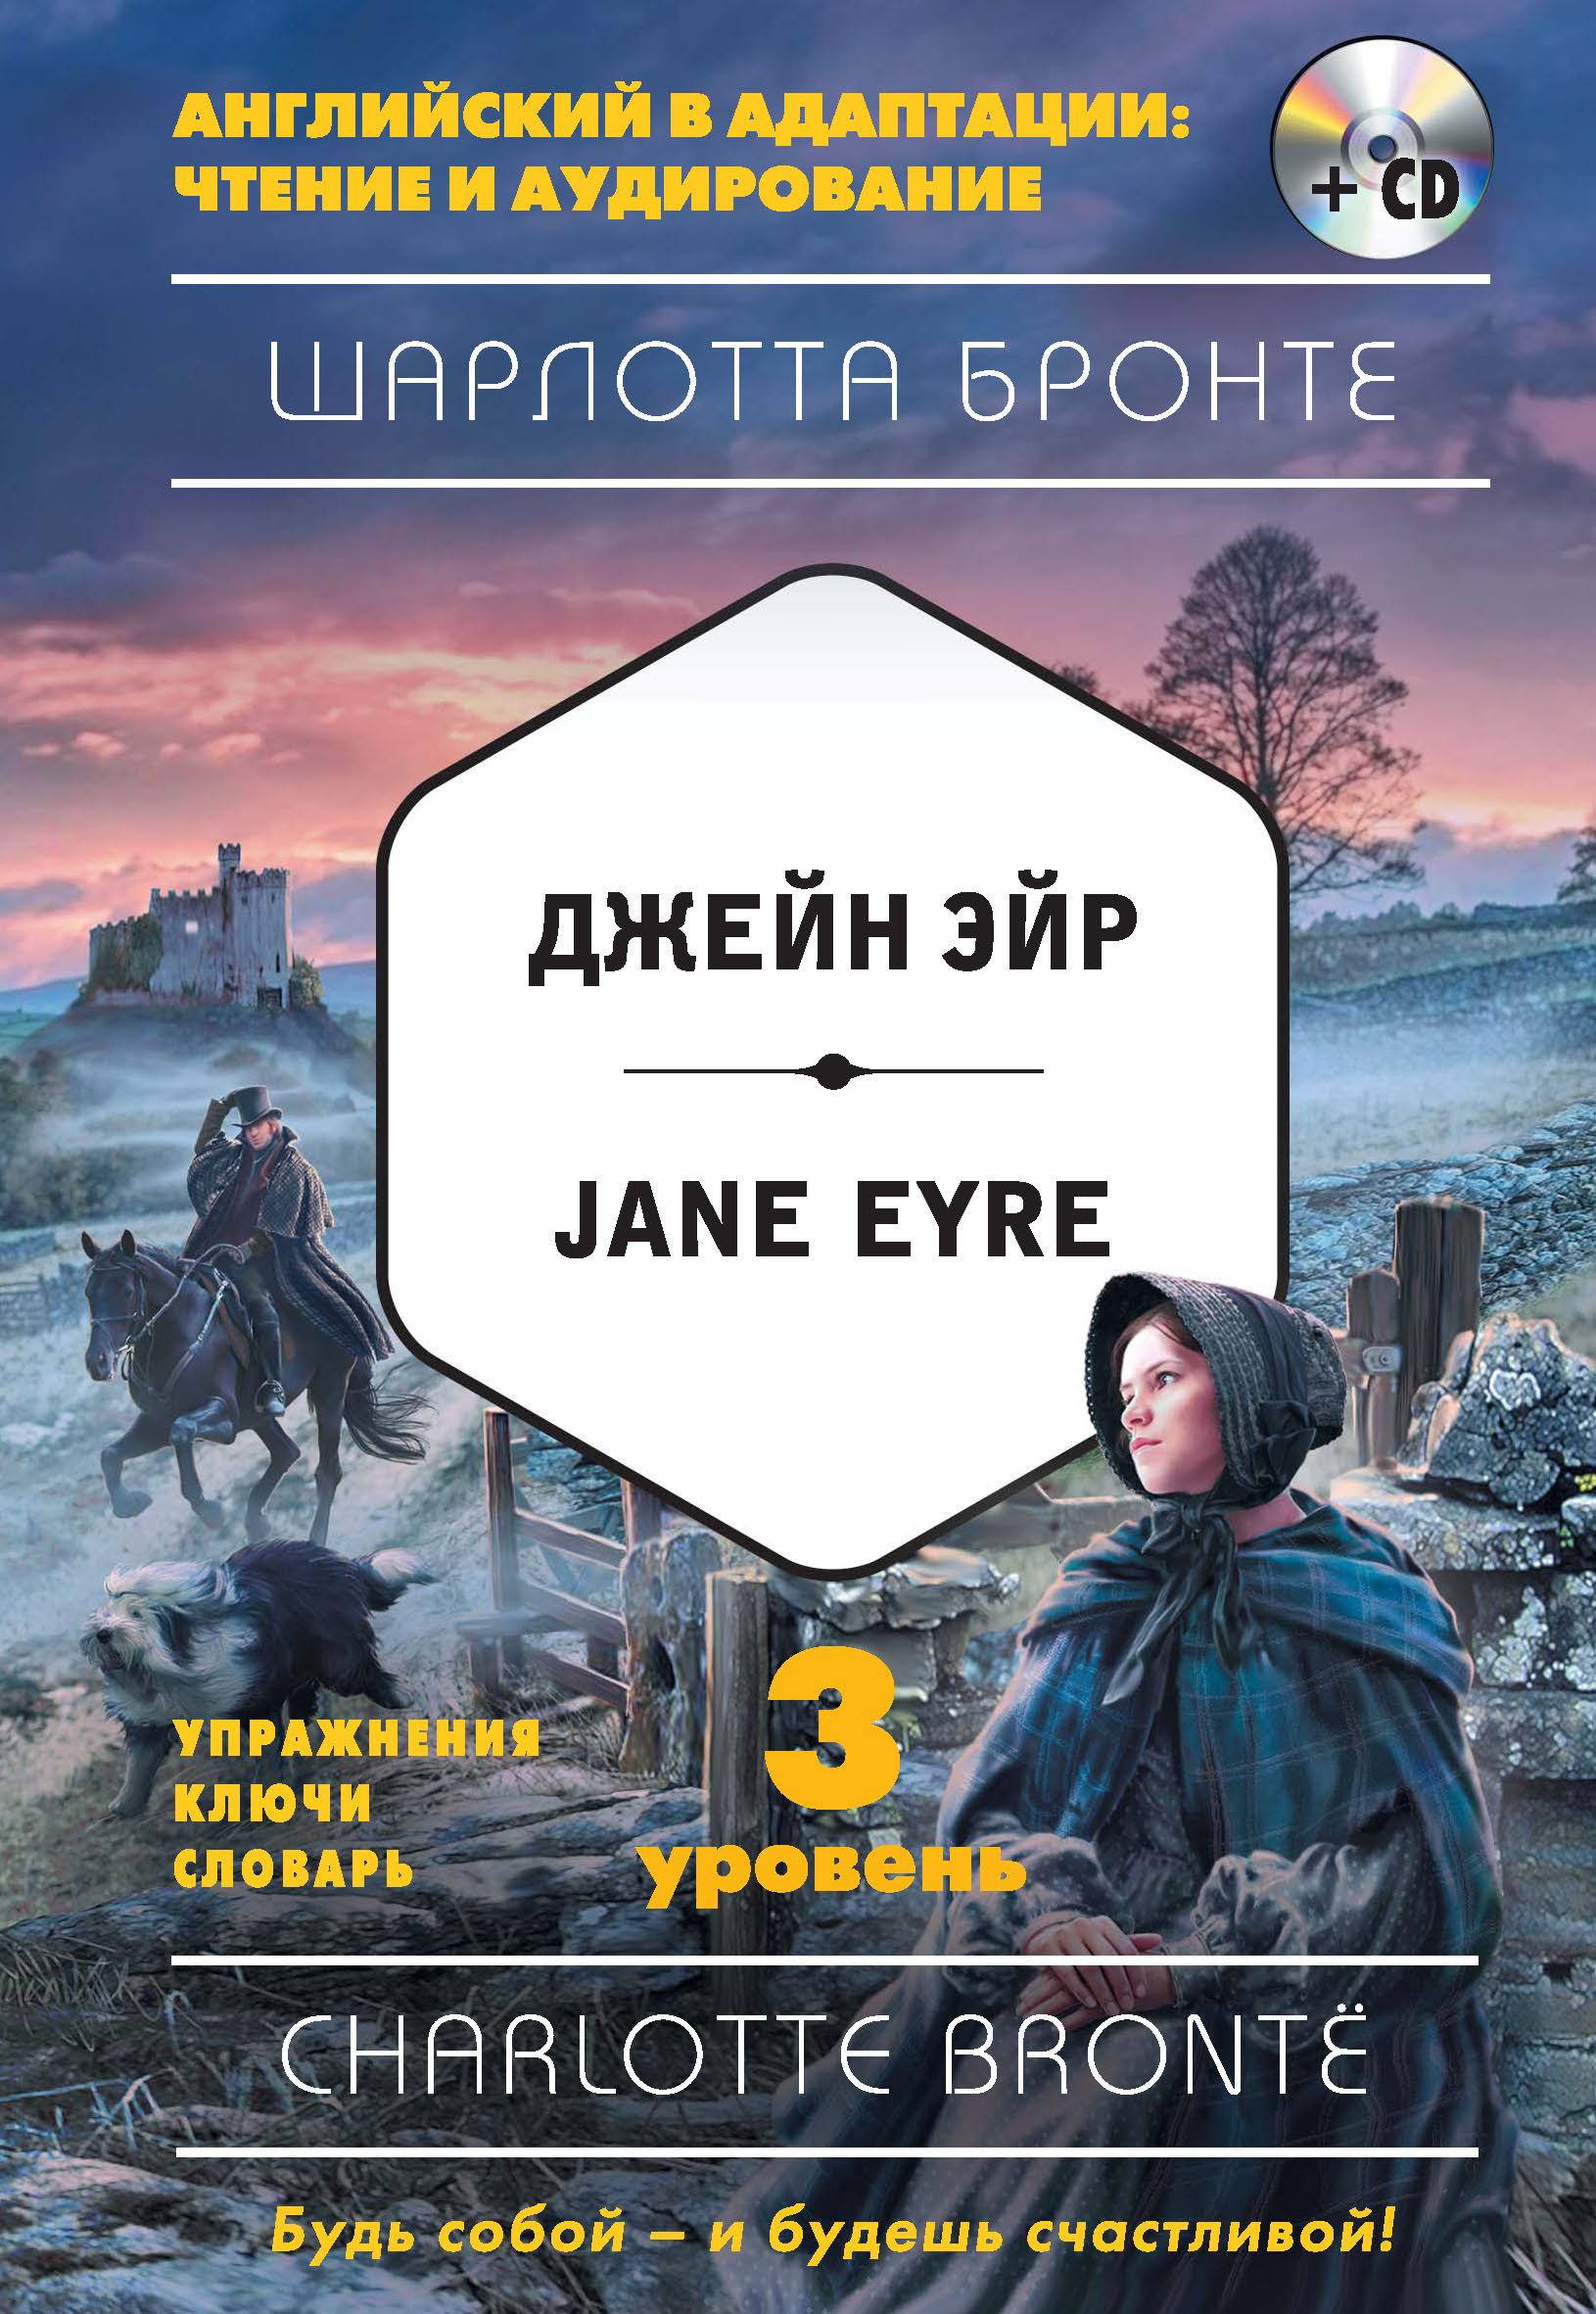 Шарлотта Бронте Джейн Эйр / Jane Eyre. 3 уровень (+MP3) книги эксмо джейн эйр jane eyre cd 3 й уровень